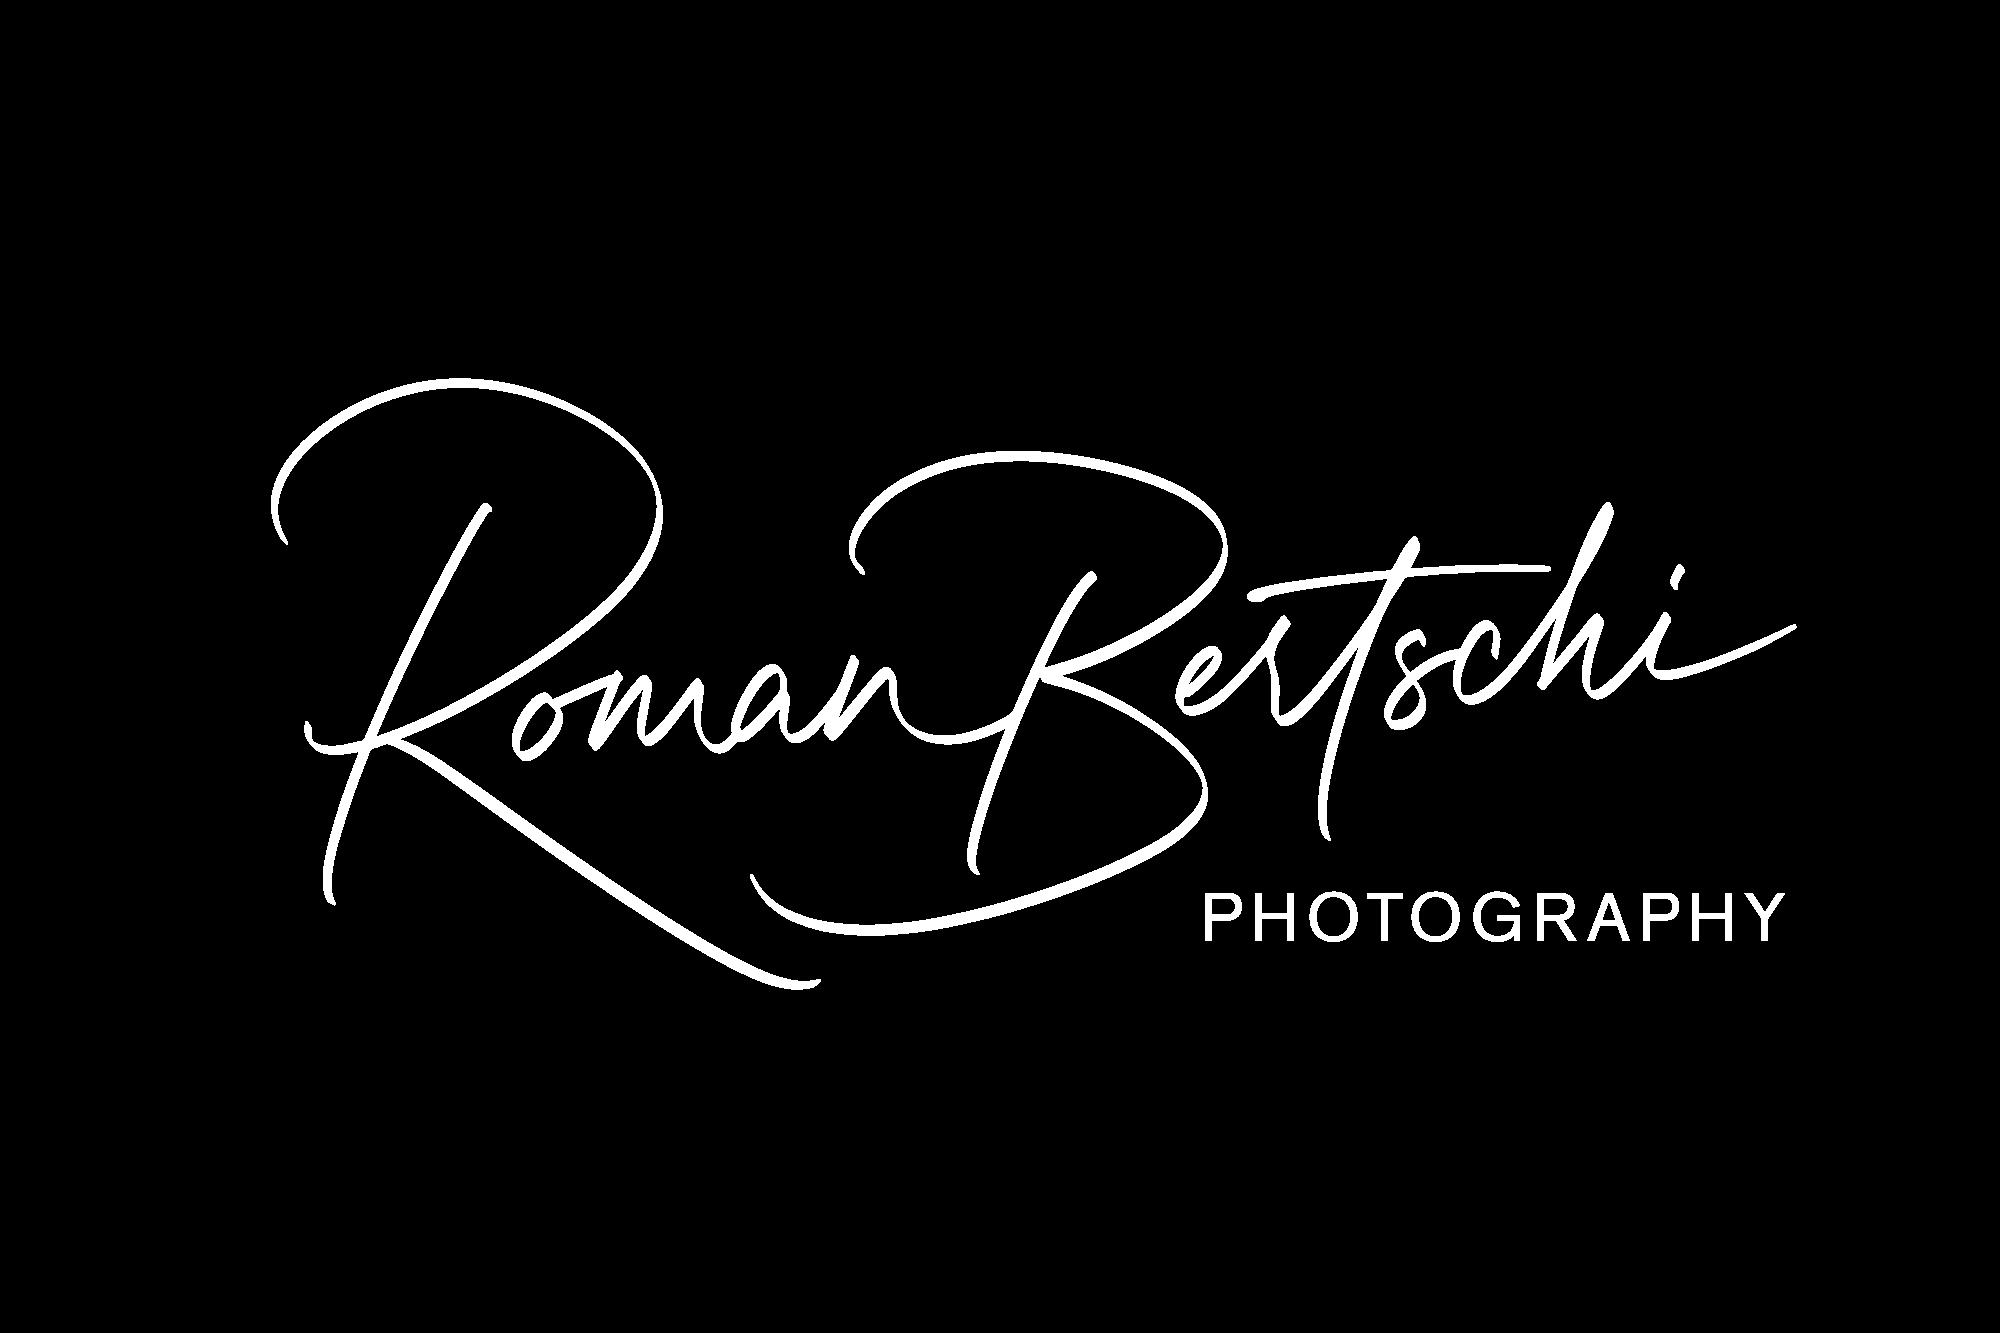 Roman Bertschi